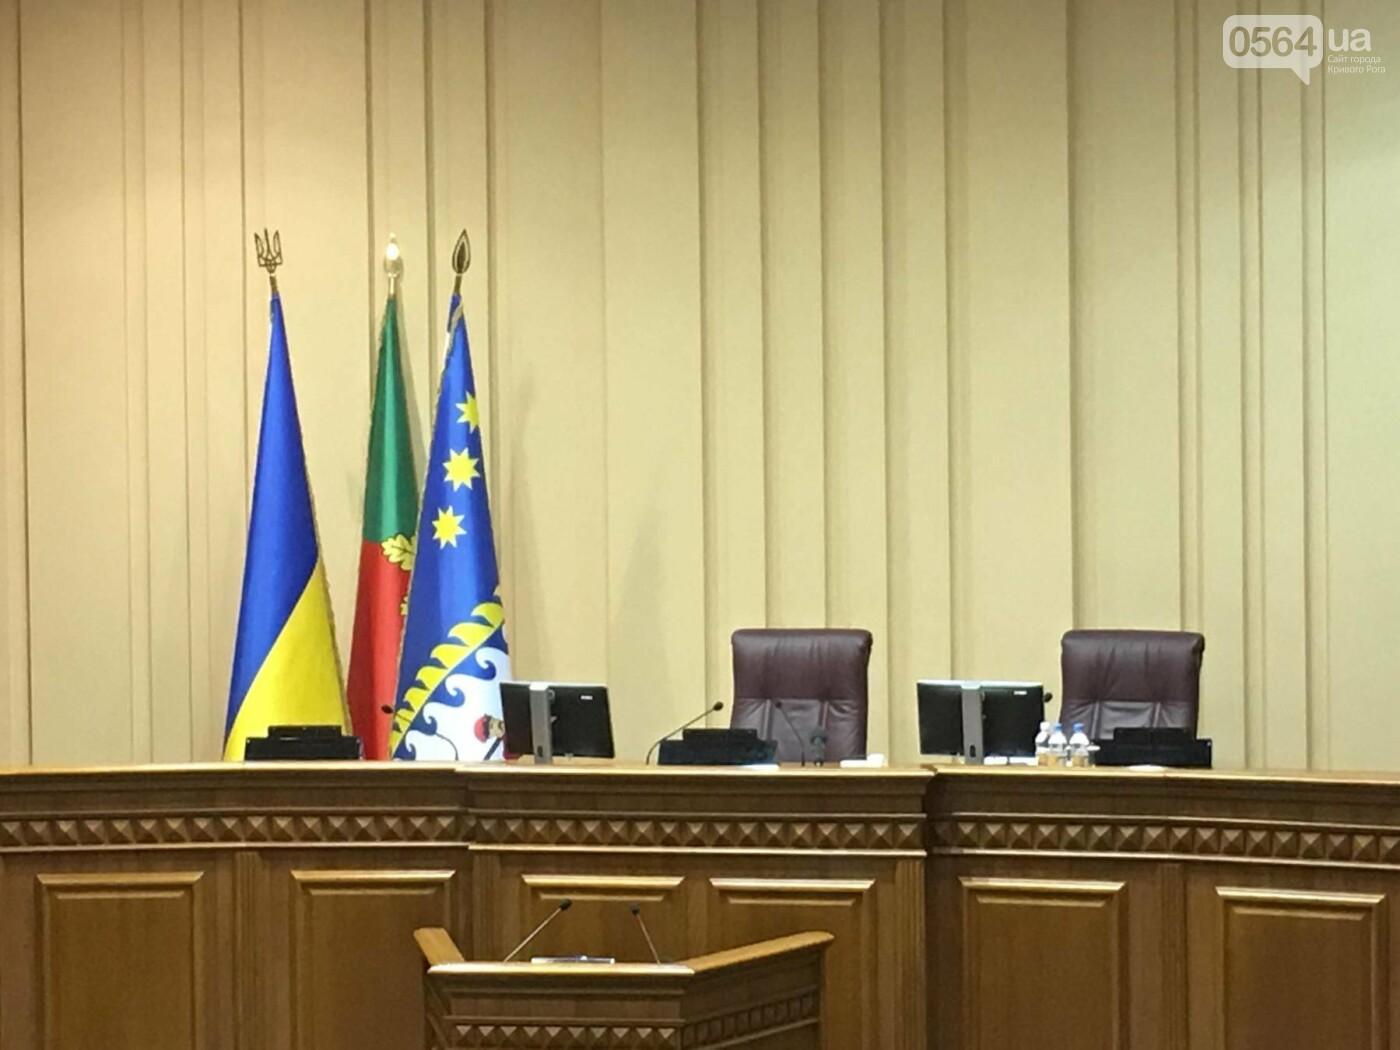 Одноминутная сессия: большинство депутатов криворожского горсовета не пришли, - ФОТО, ВИДЕО, фото-2